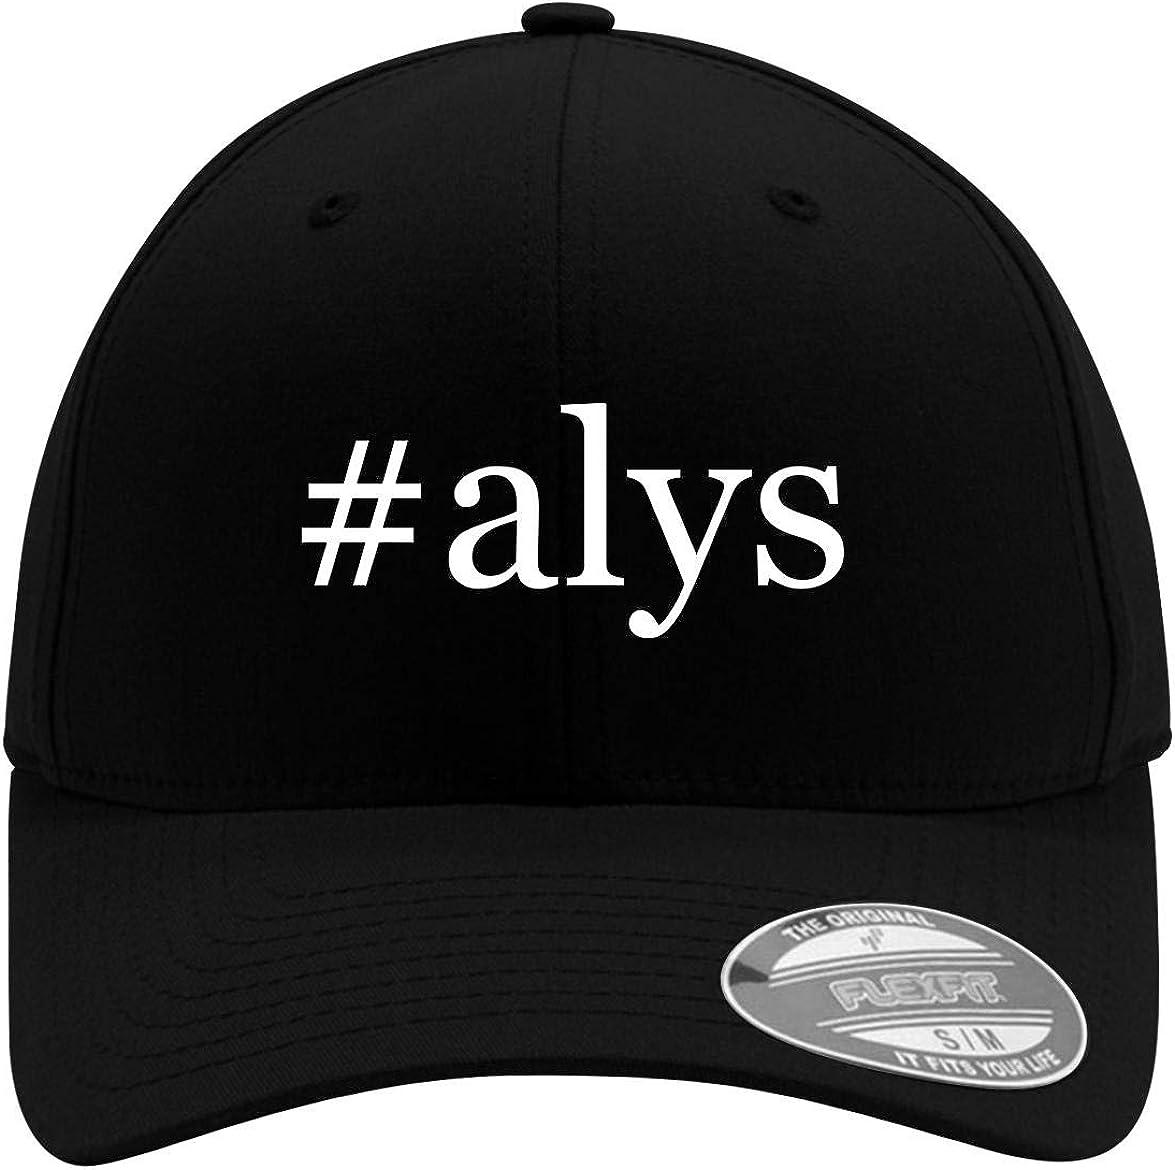 #Alys - Adult Men'S Hashtag Flexfit Baseball Hut Cap